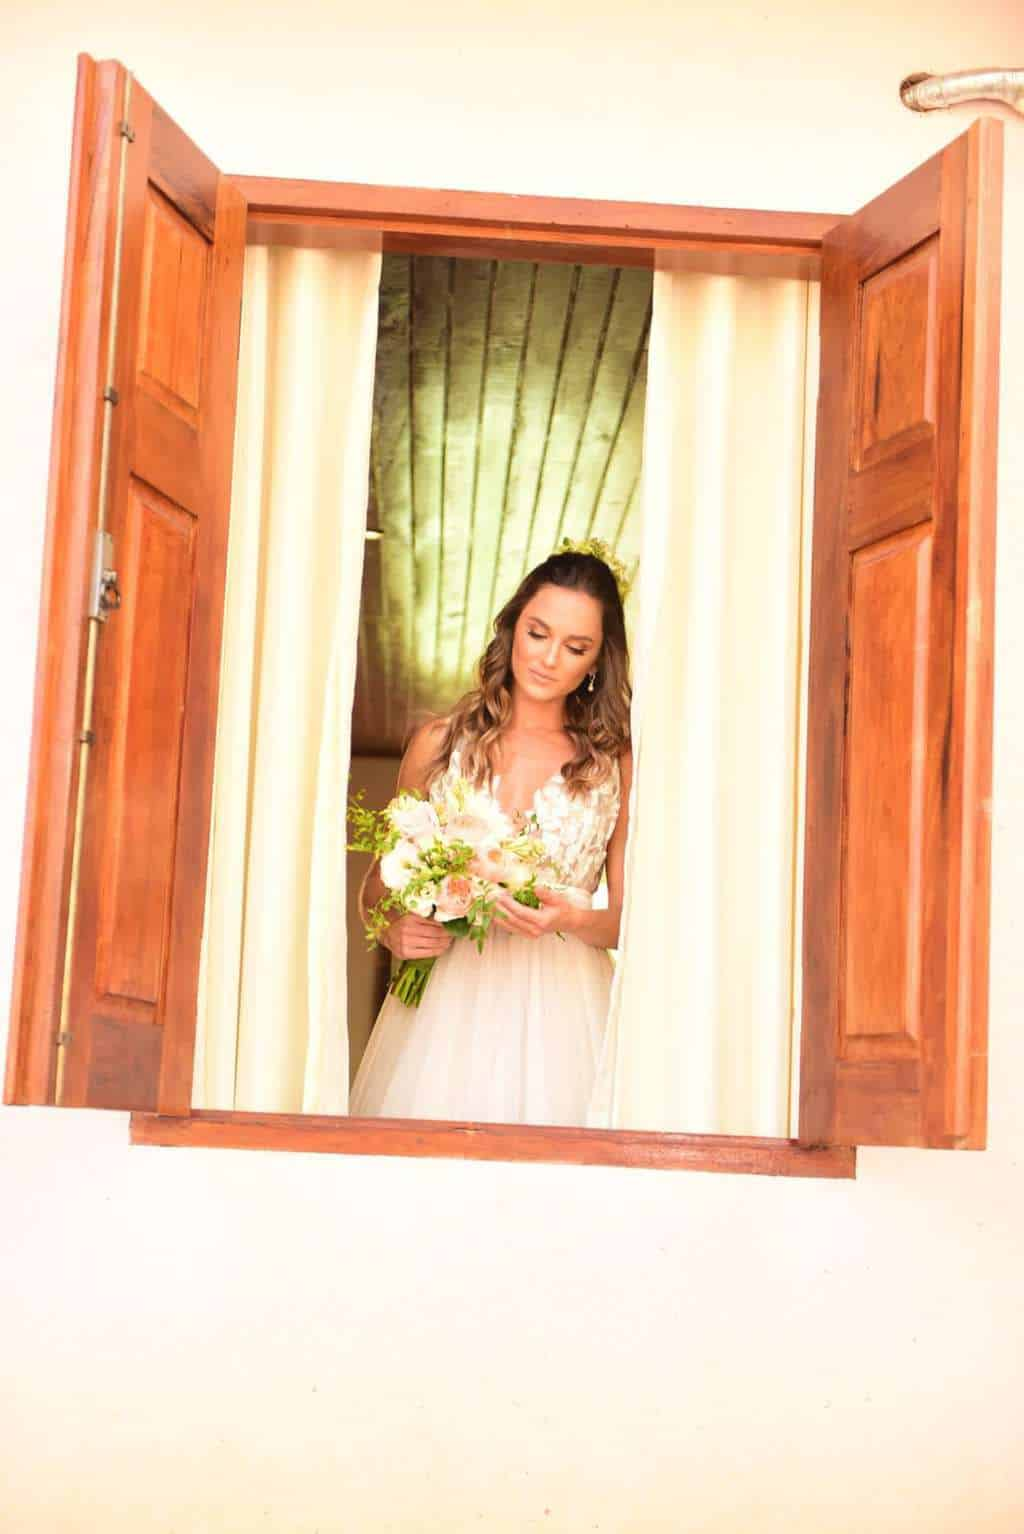 casamento-boho-Casamento-Nicolle-e-Pedro-casamento-rosa-Estalagem-Alter-Real-Fotografia-Estudio-Maria-Celia-Siqueira-Fotografia-Rosana-Sales-Goiania-54